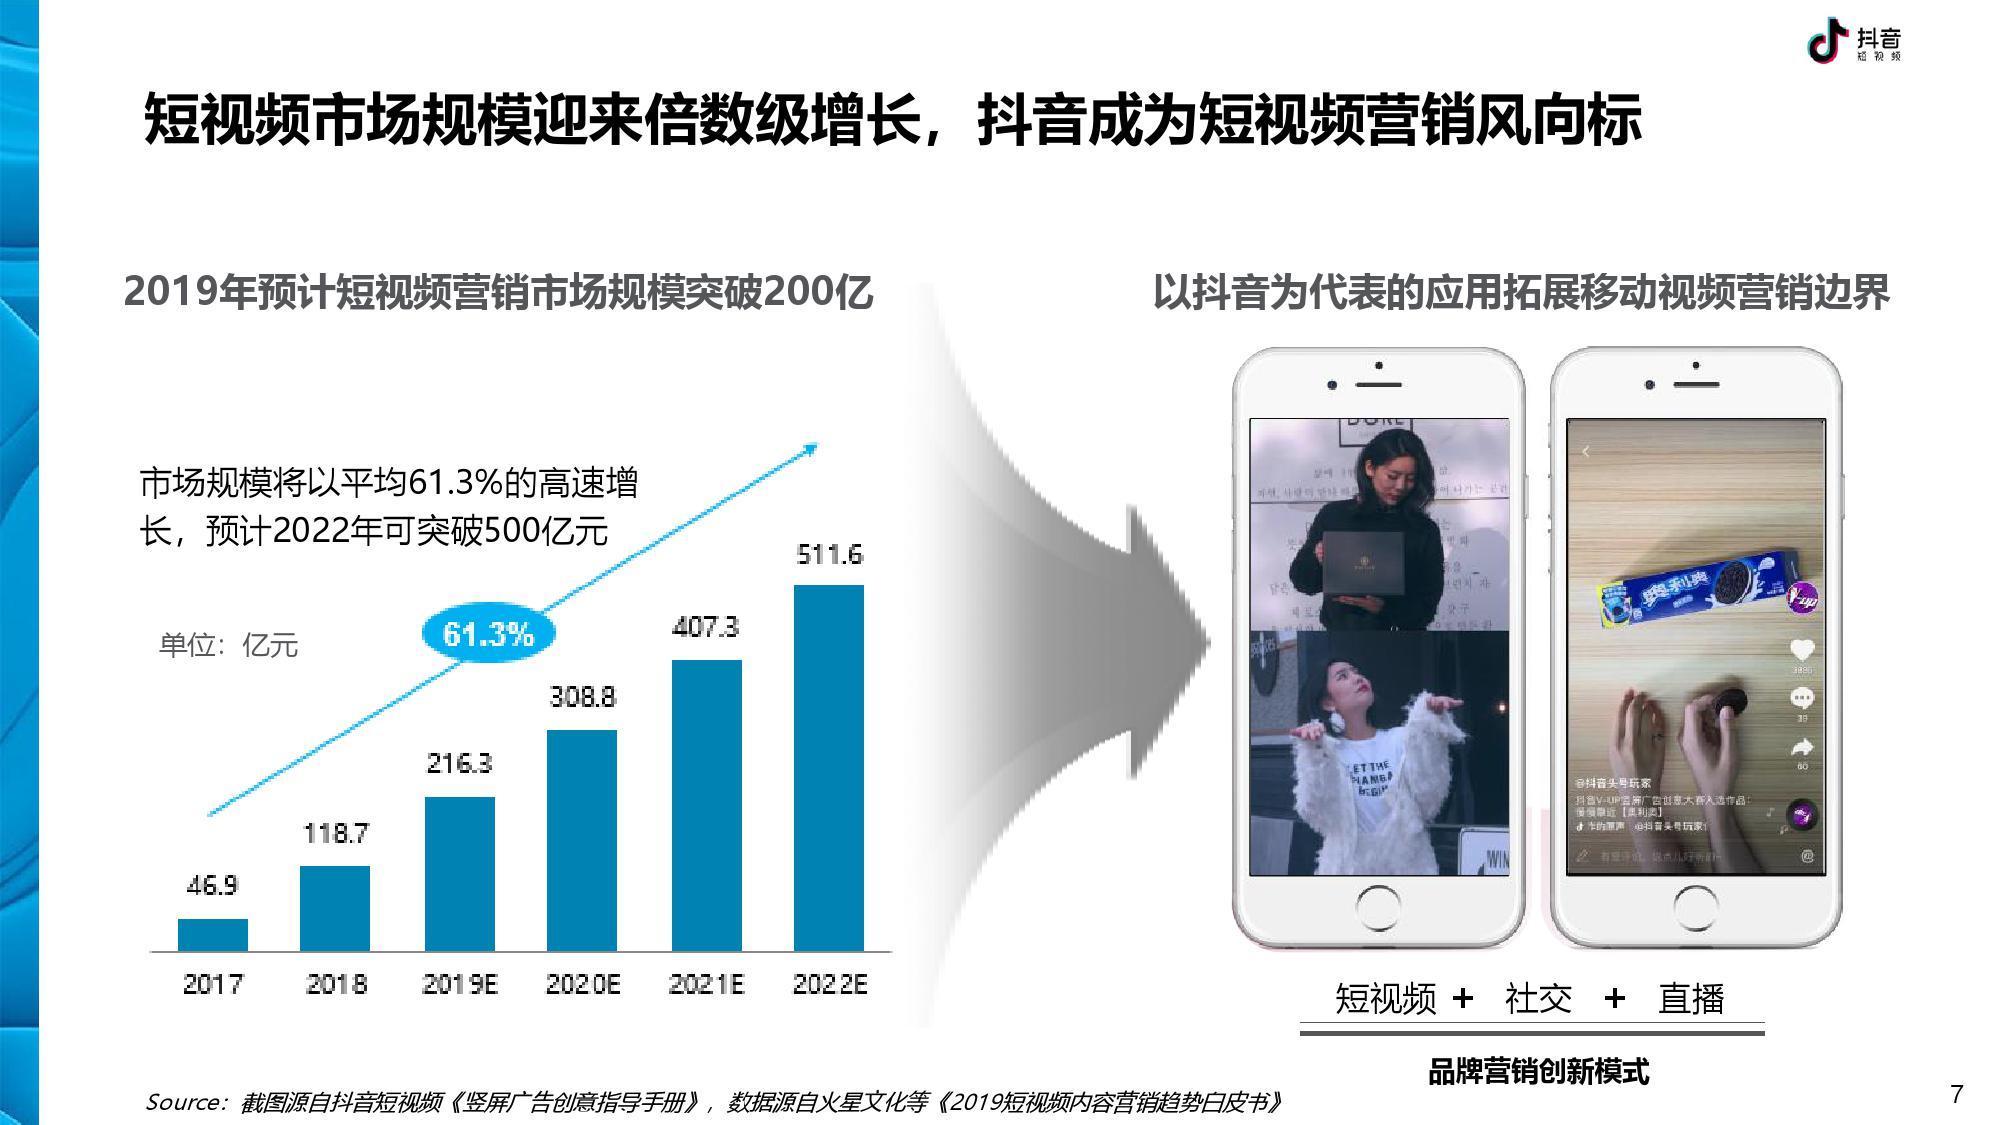 抖音 DTV 广告营销价值白皮书-CNMOAD 中文移动营销资讯 7